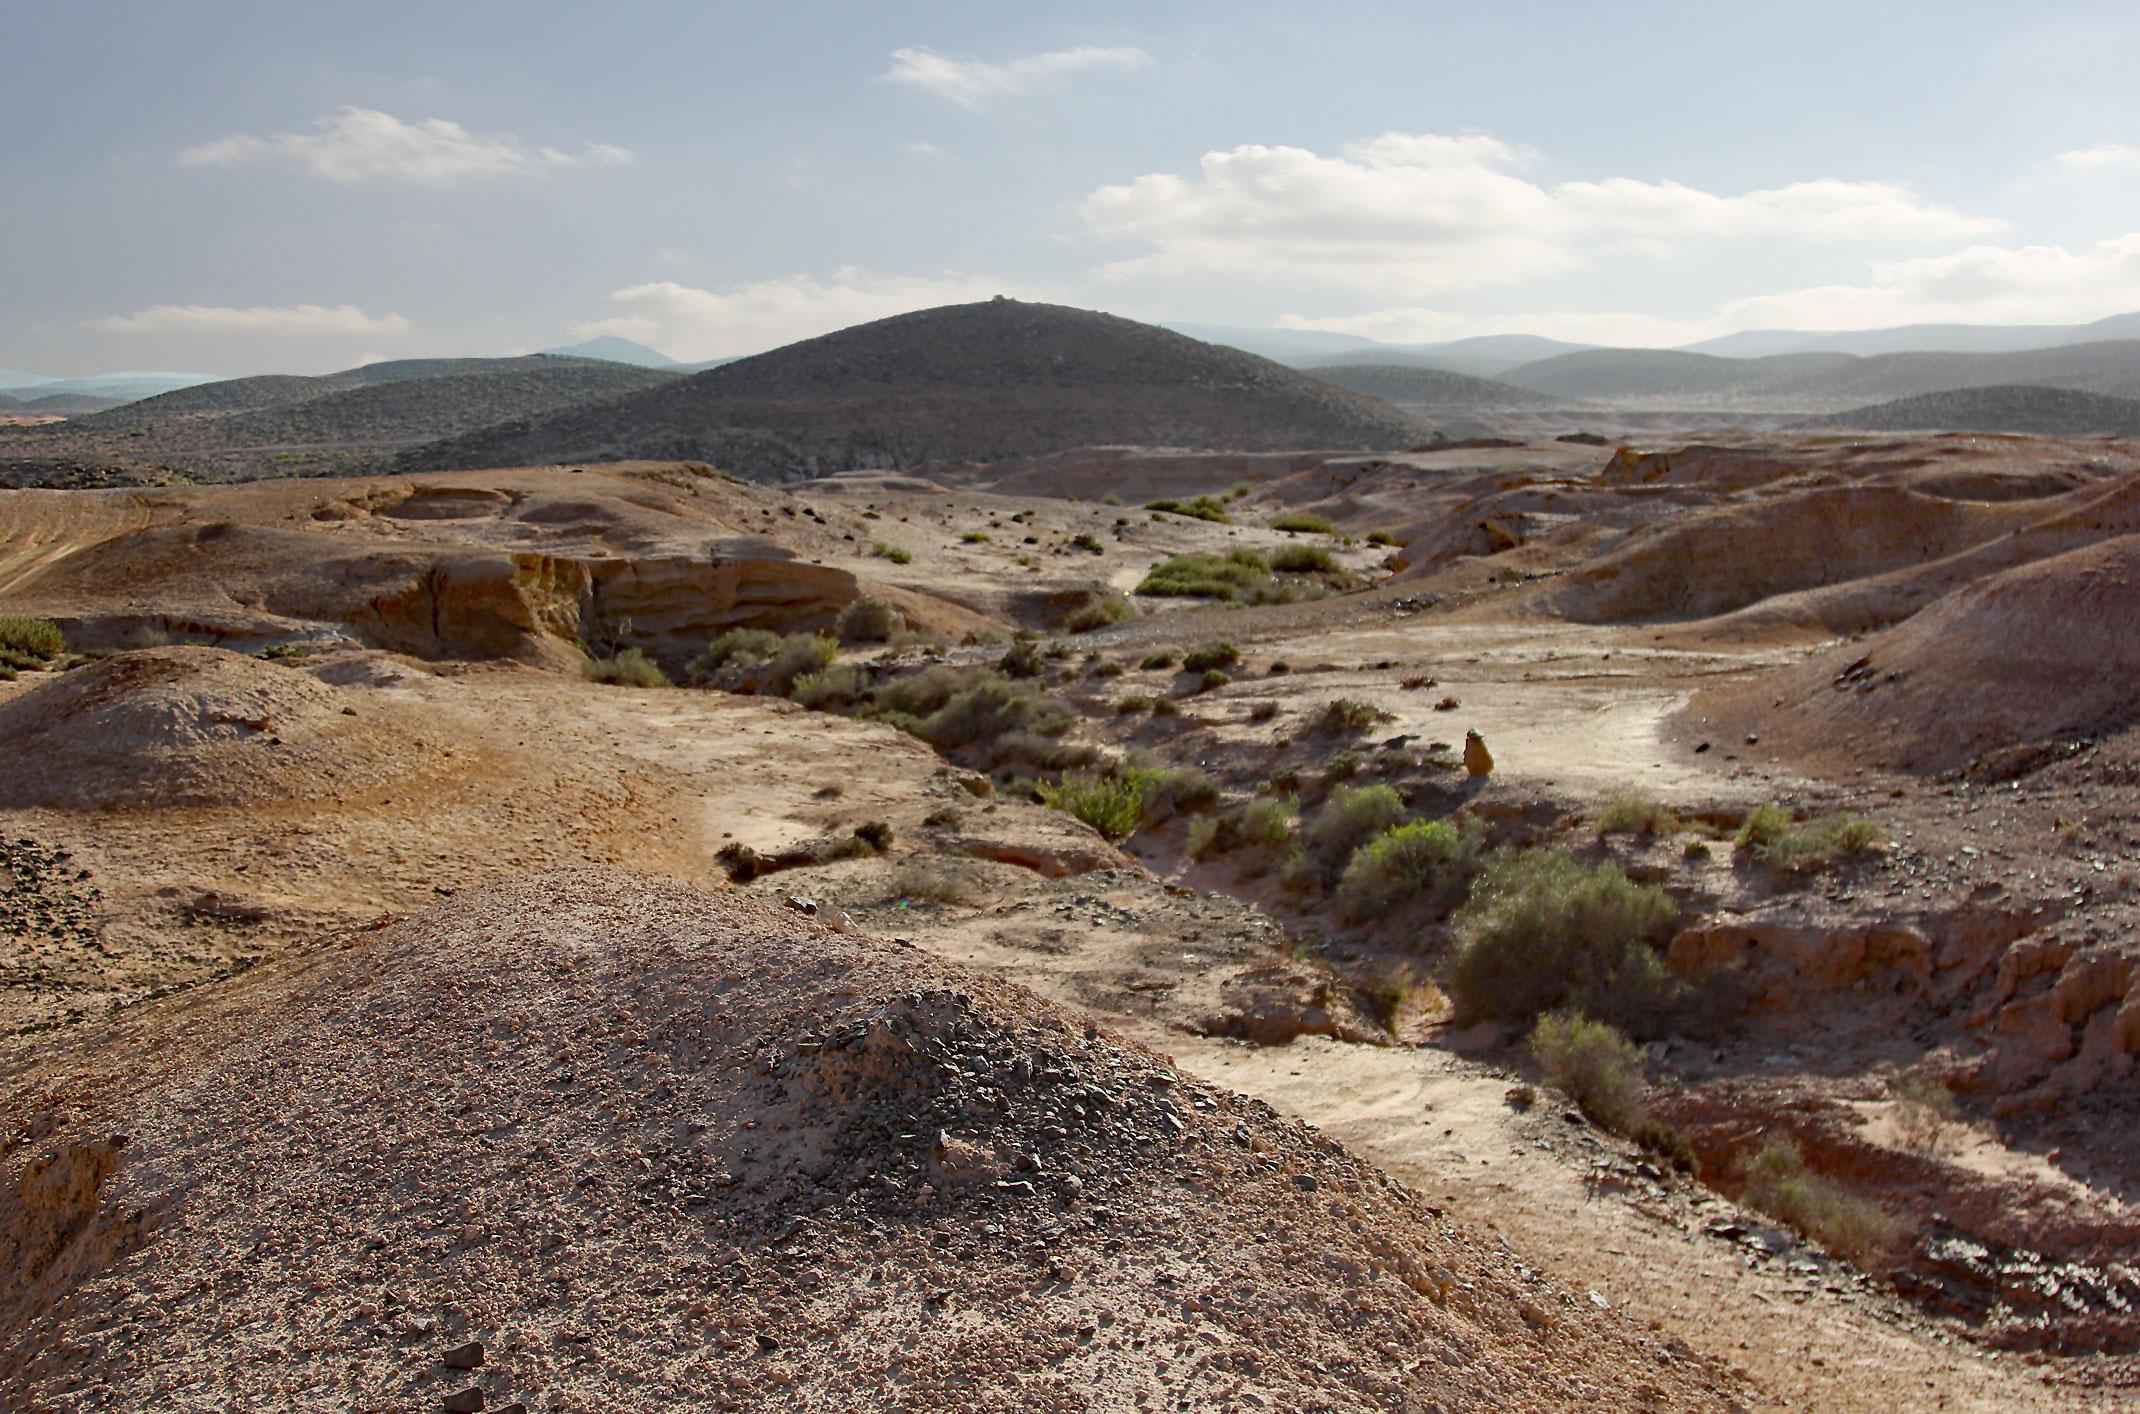 Droga dojazdowa do Fort Bou Jerif,trasa 4x4